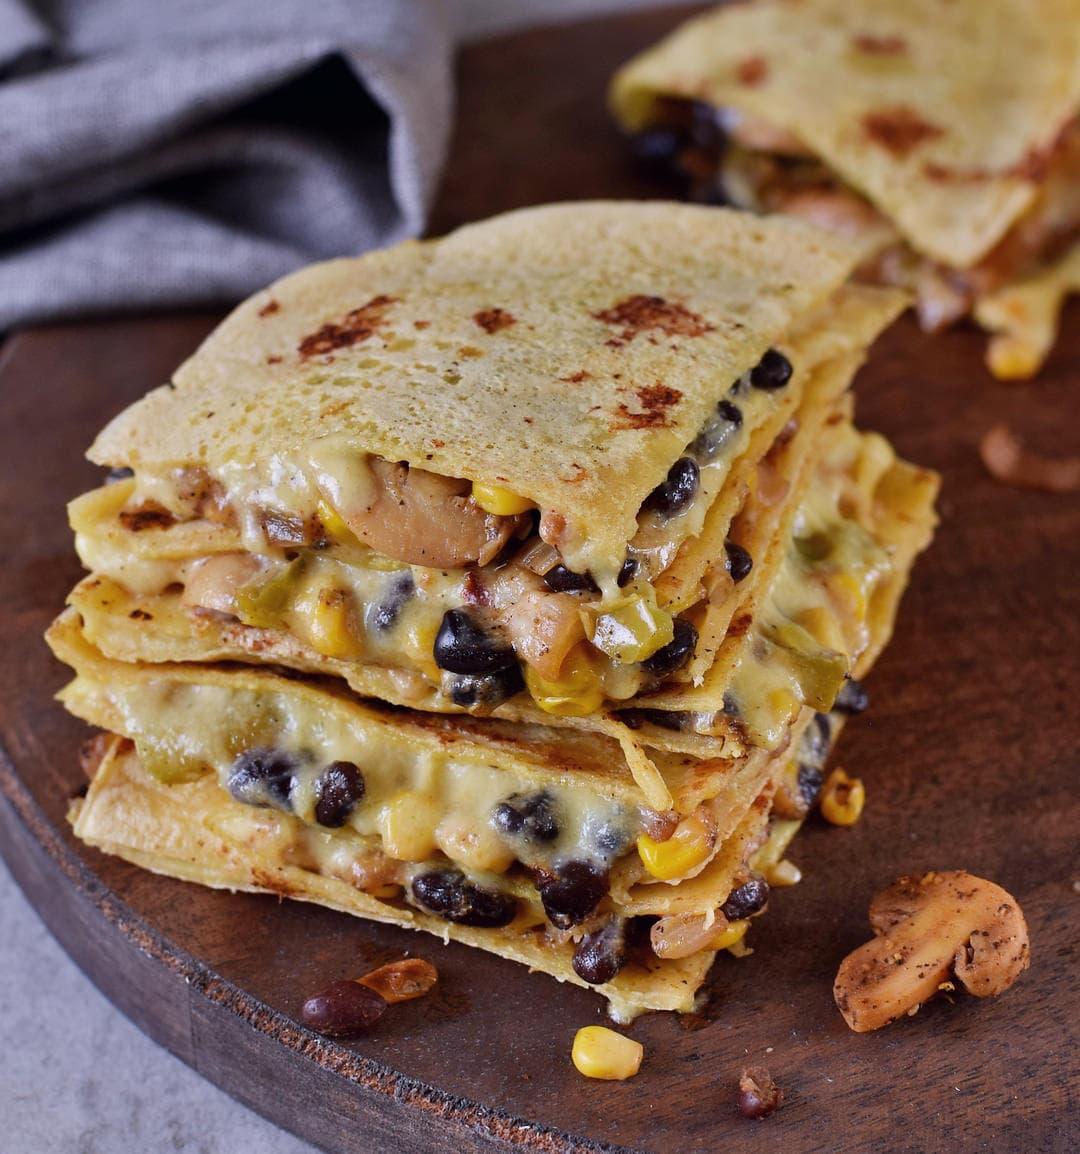 vegane Quesadillas gestapelt mit Käsesoße, schwarzen Bohnen und Gemüse gefüllt